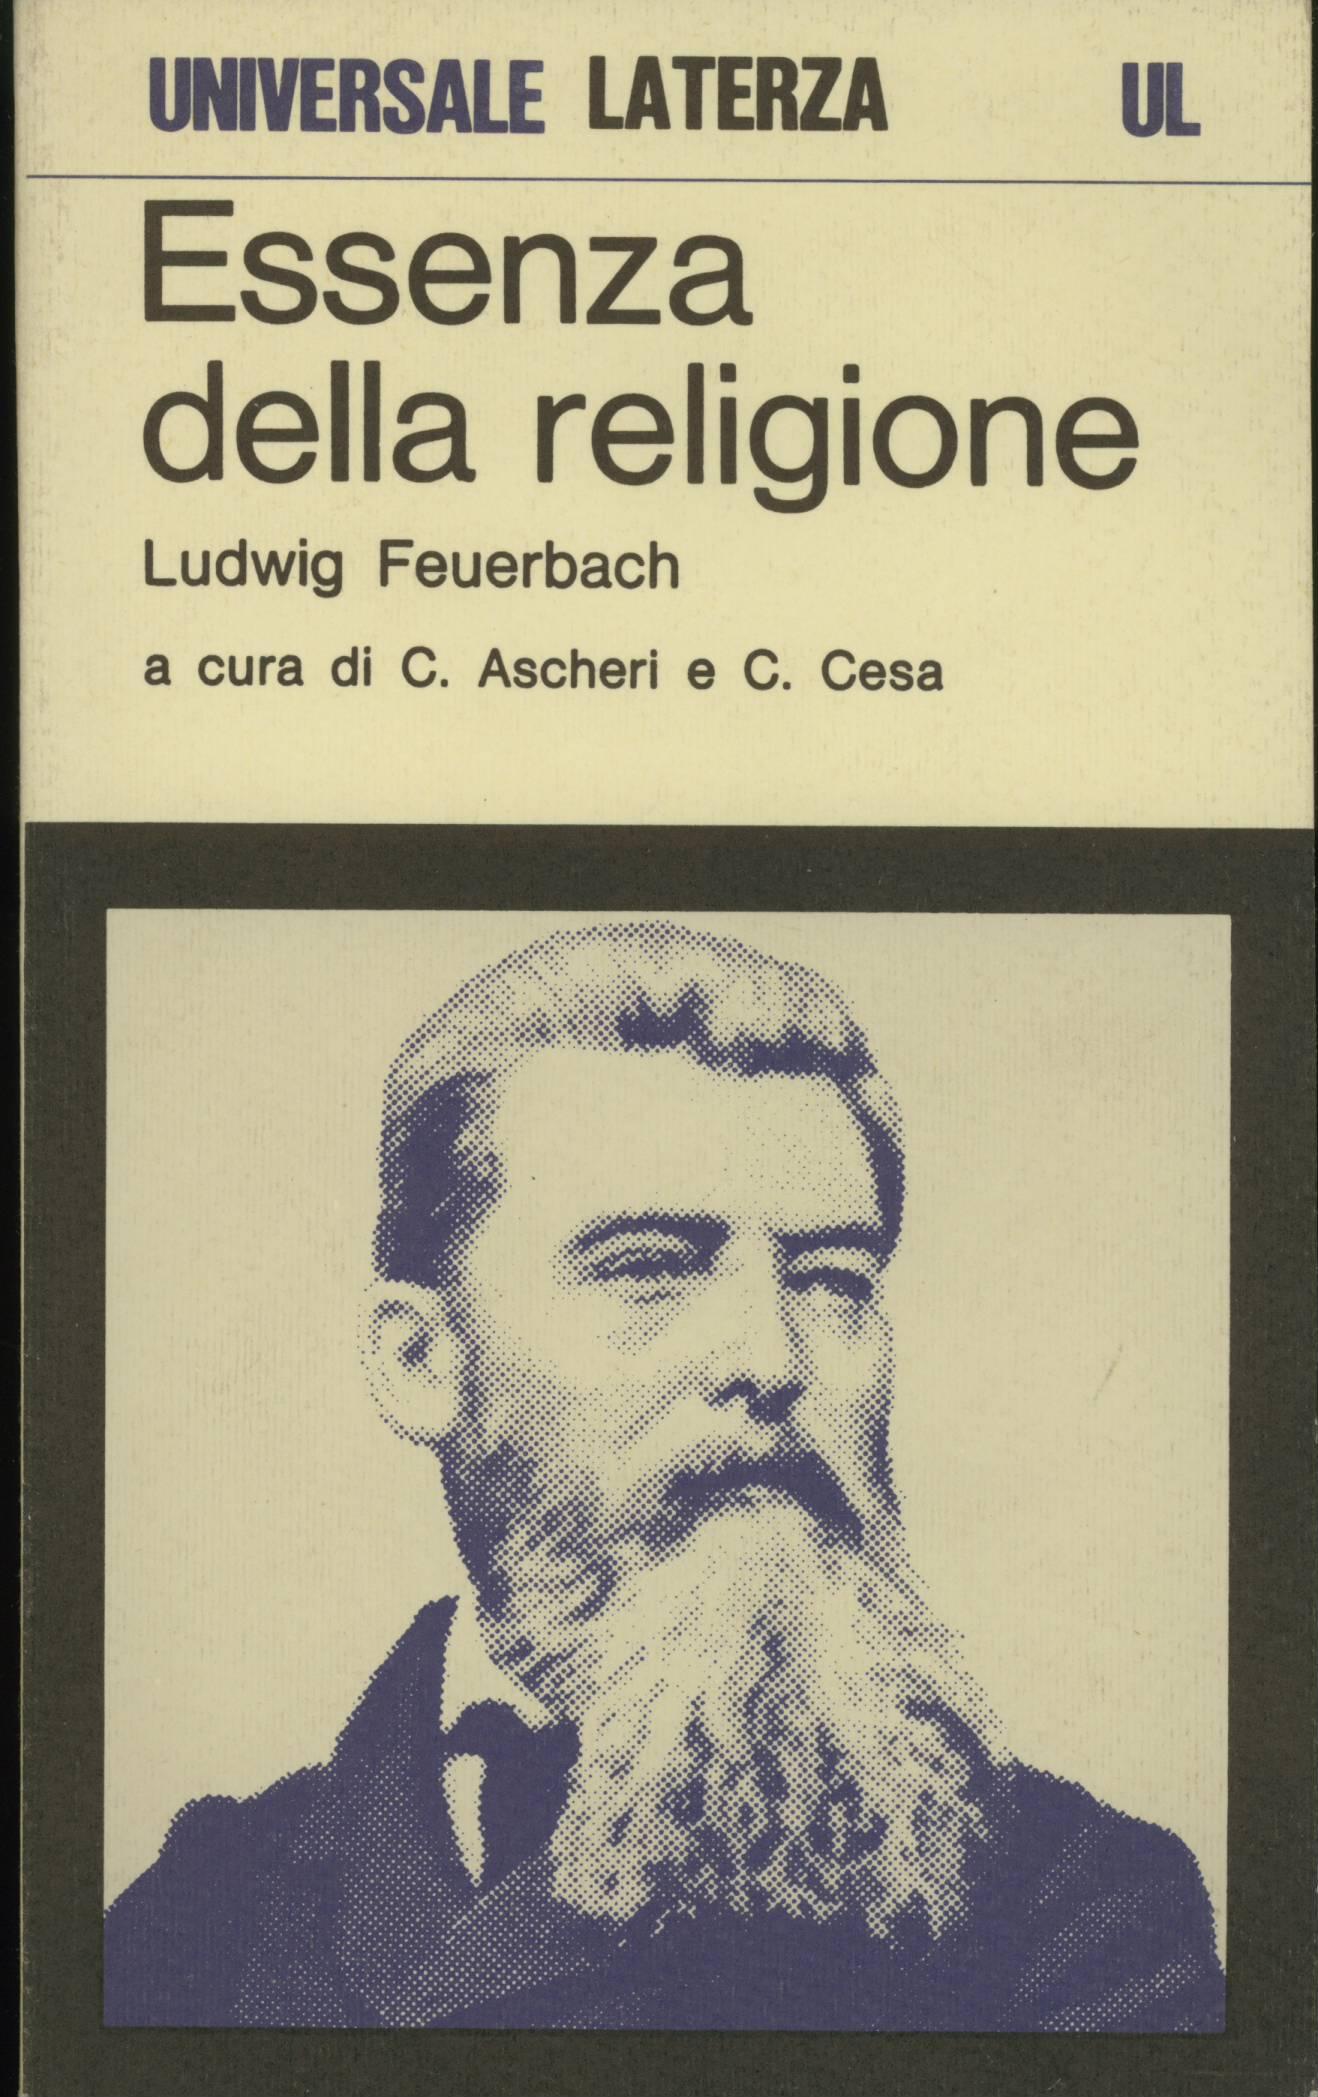 Essenza della religione